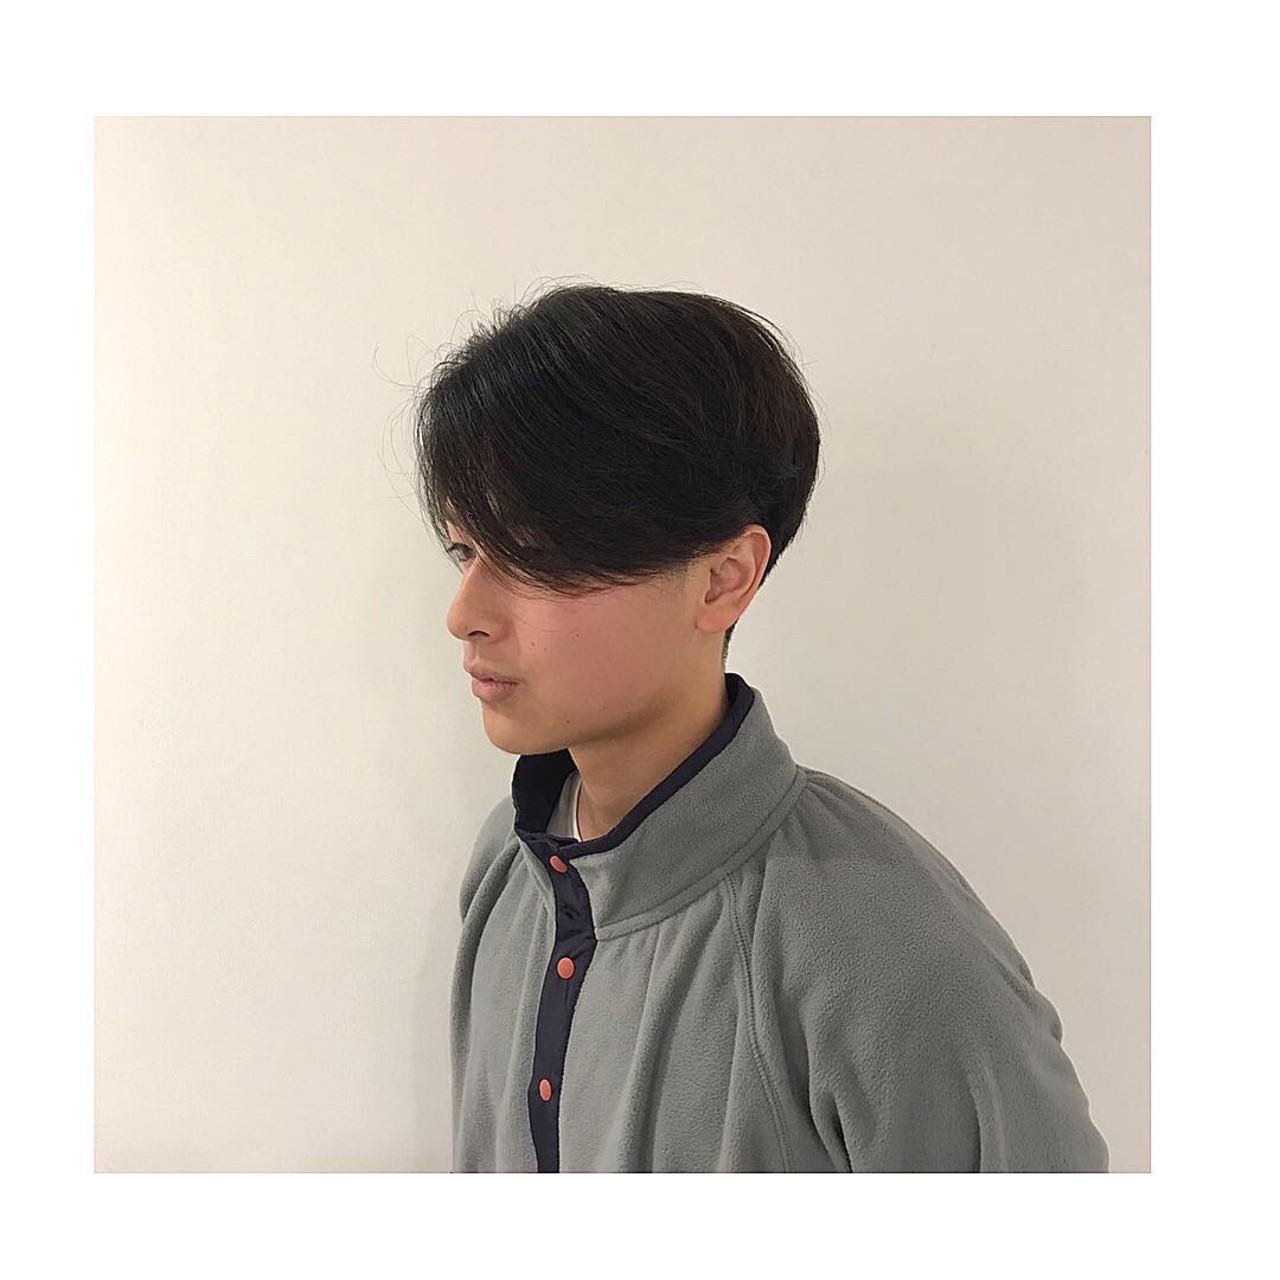 センターパート メンズ メンズヘア メンズカット ヘアスタイルや髪型の写真・画像   メンズカット専門美容師 岩井優弥 / カキモトアームズ メンズグルーミングサロン 銀座二丁目店